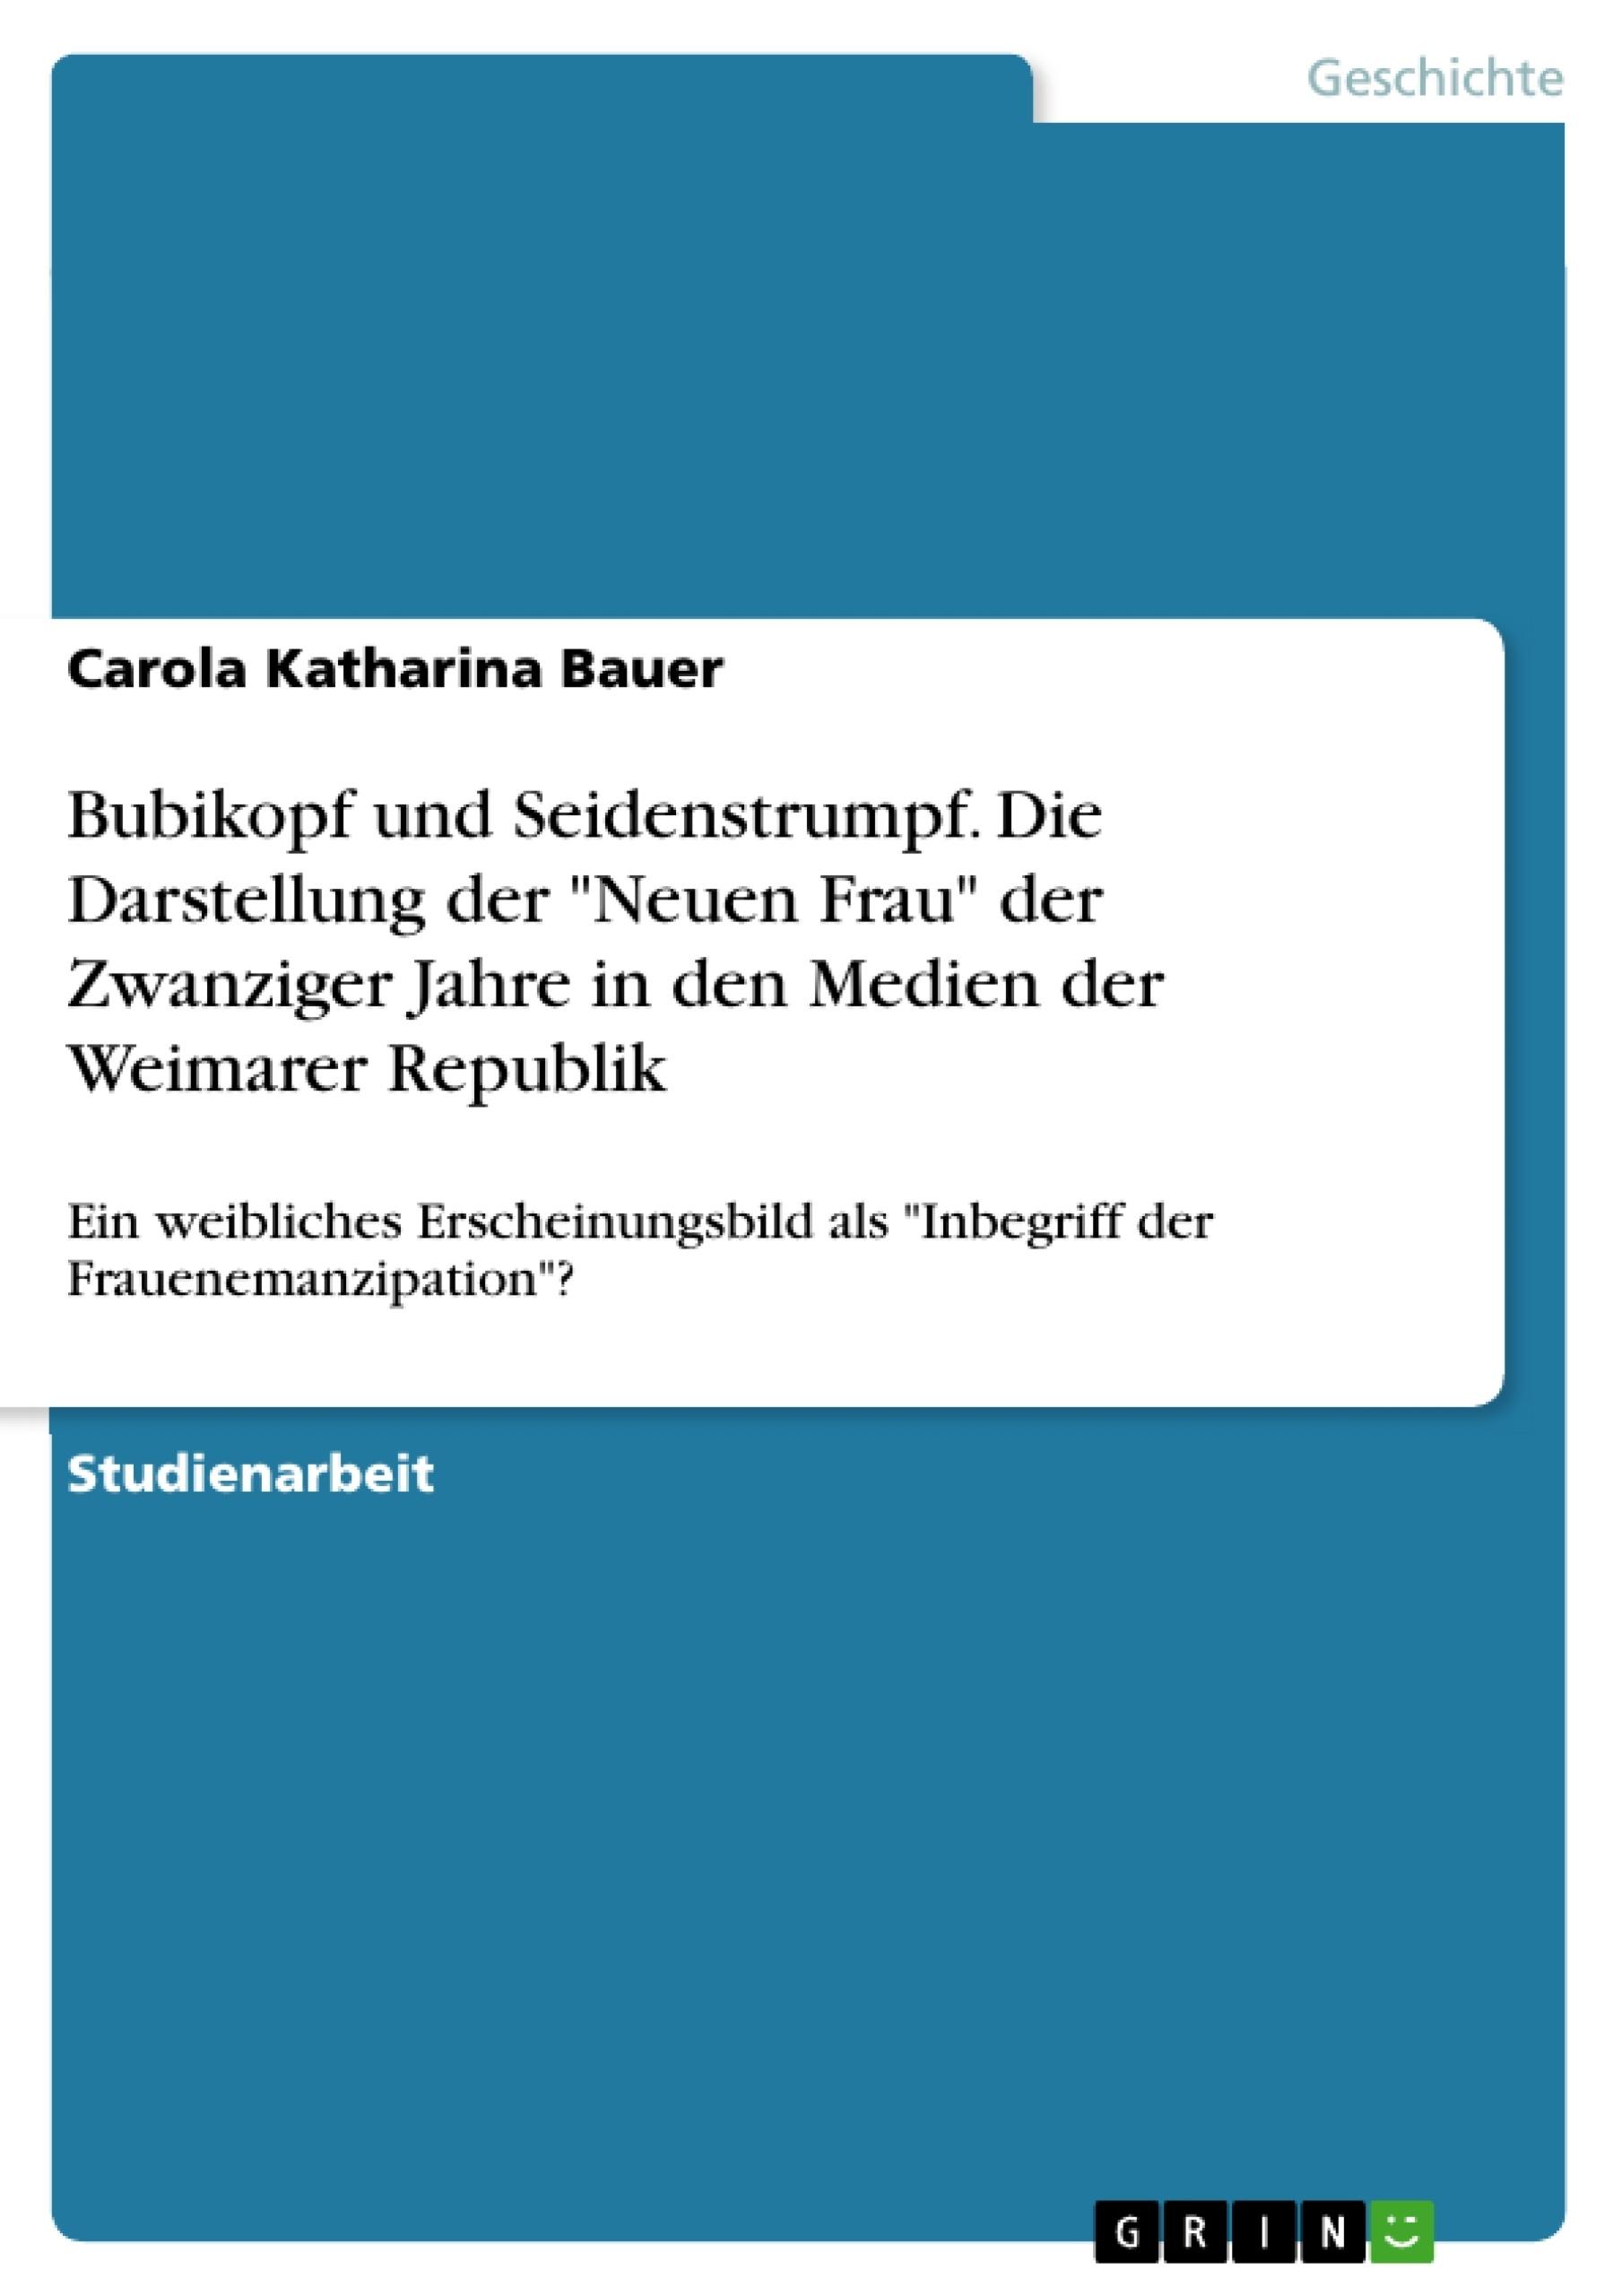 """Titel: Bubikopf und Seidenstrumpf. Die Darstellung der """"Neuen Frau"""" der Zwanziger Jahre in den Medien der Weimarer Republik"""